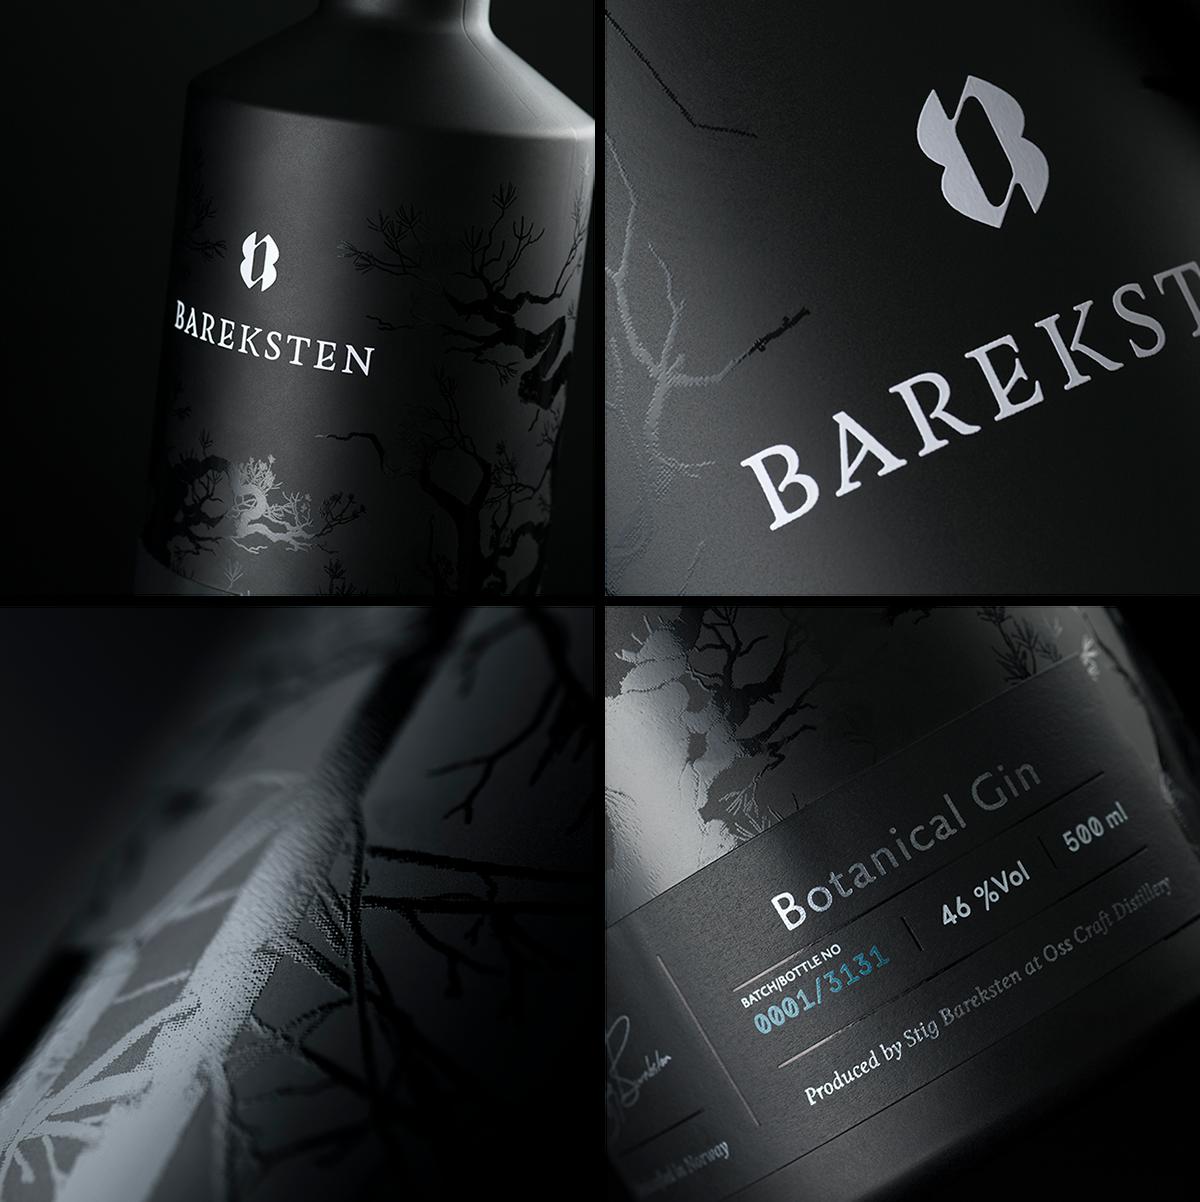 Bareksten Spirits — The Dieline - Branding & Packaging Design